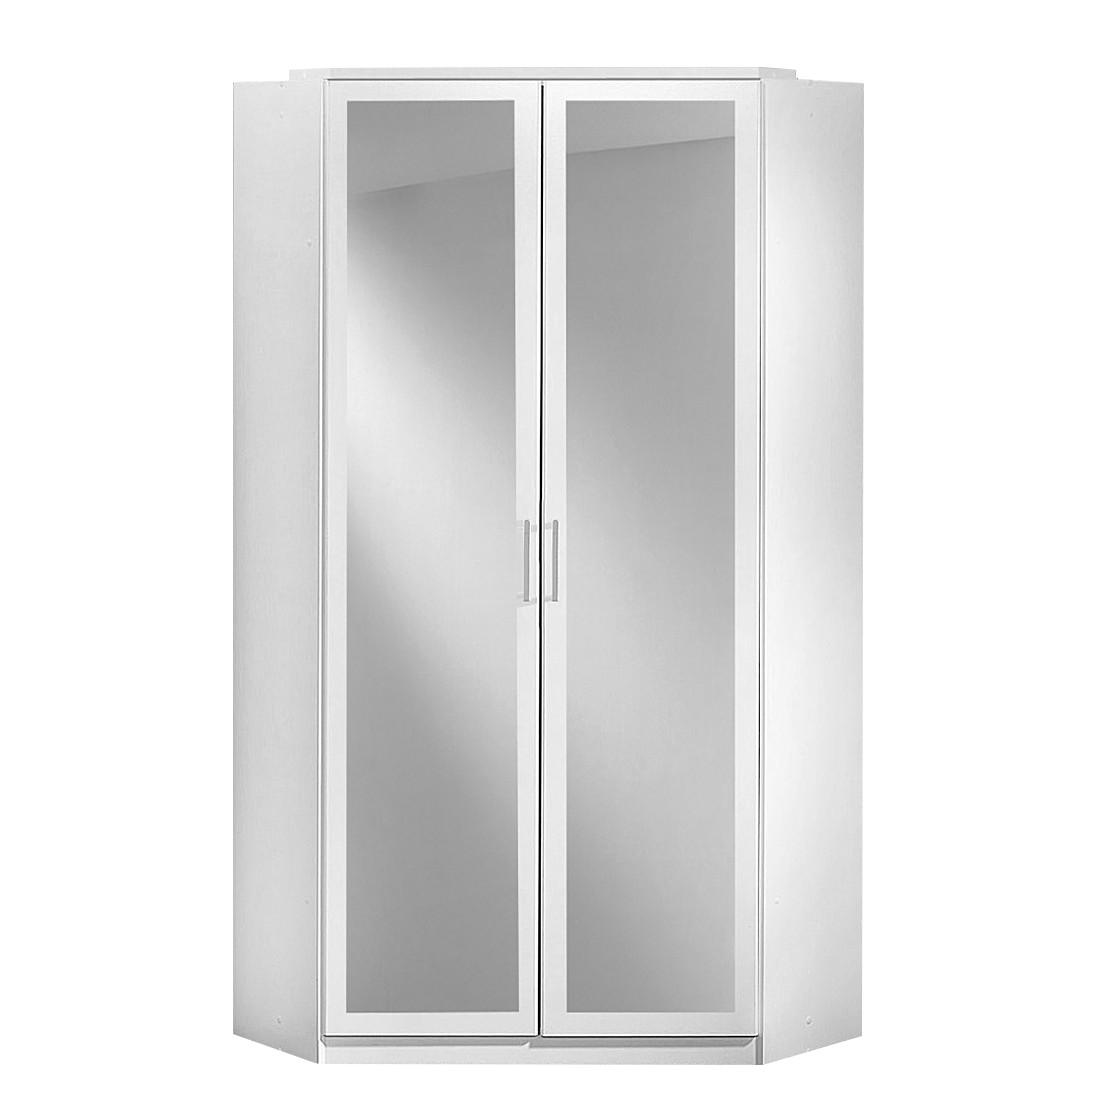 Eckkleiderschrank mit spiegel  Eckschrank Click (mit Spiegel) - Alpinweiß | home24